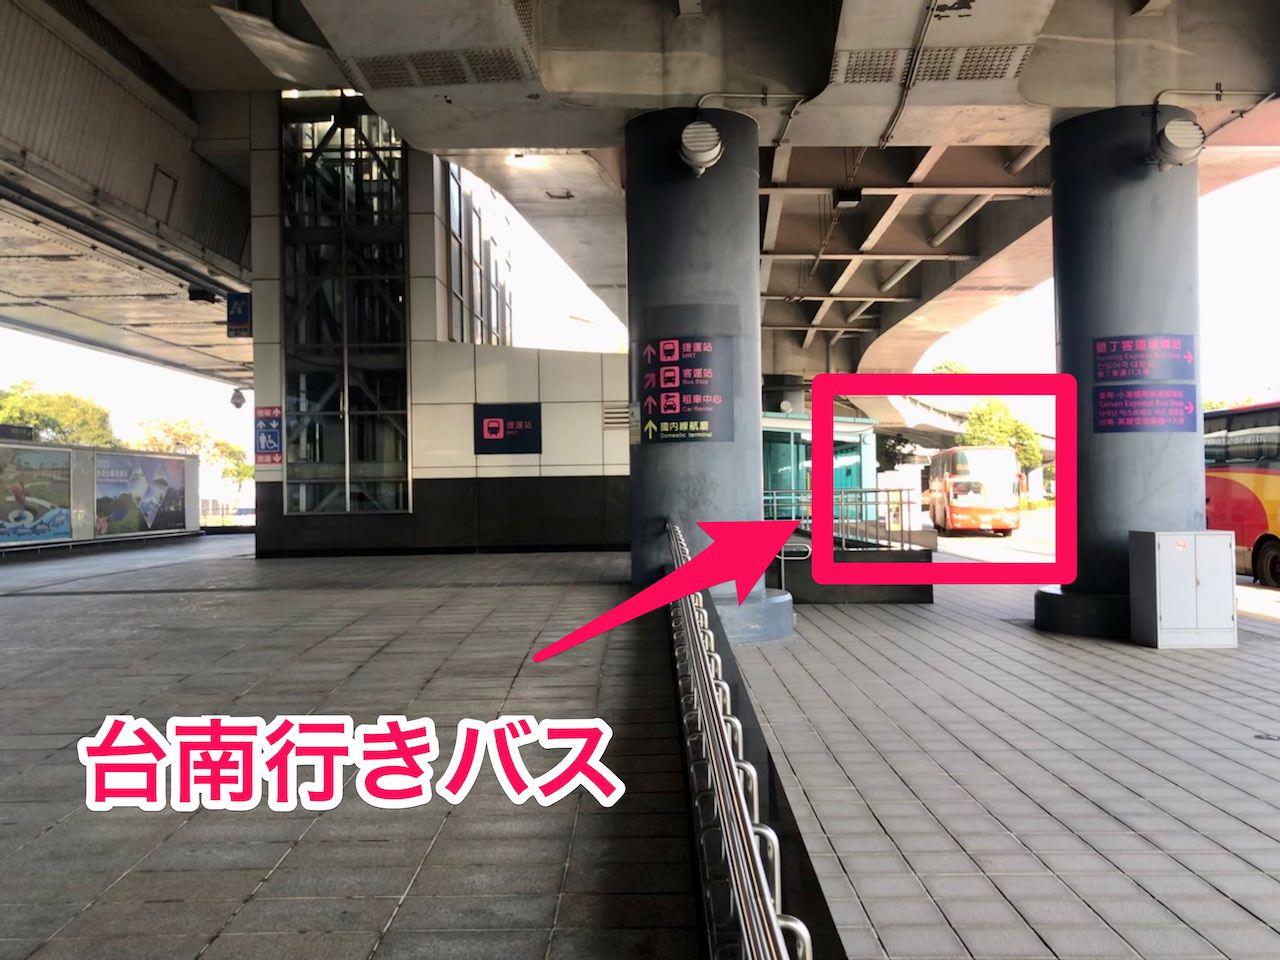 高雄空港の台南行きのバス乗り場